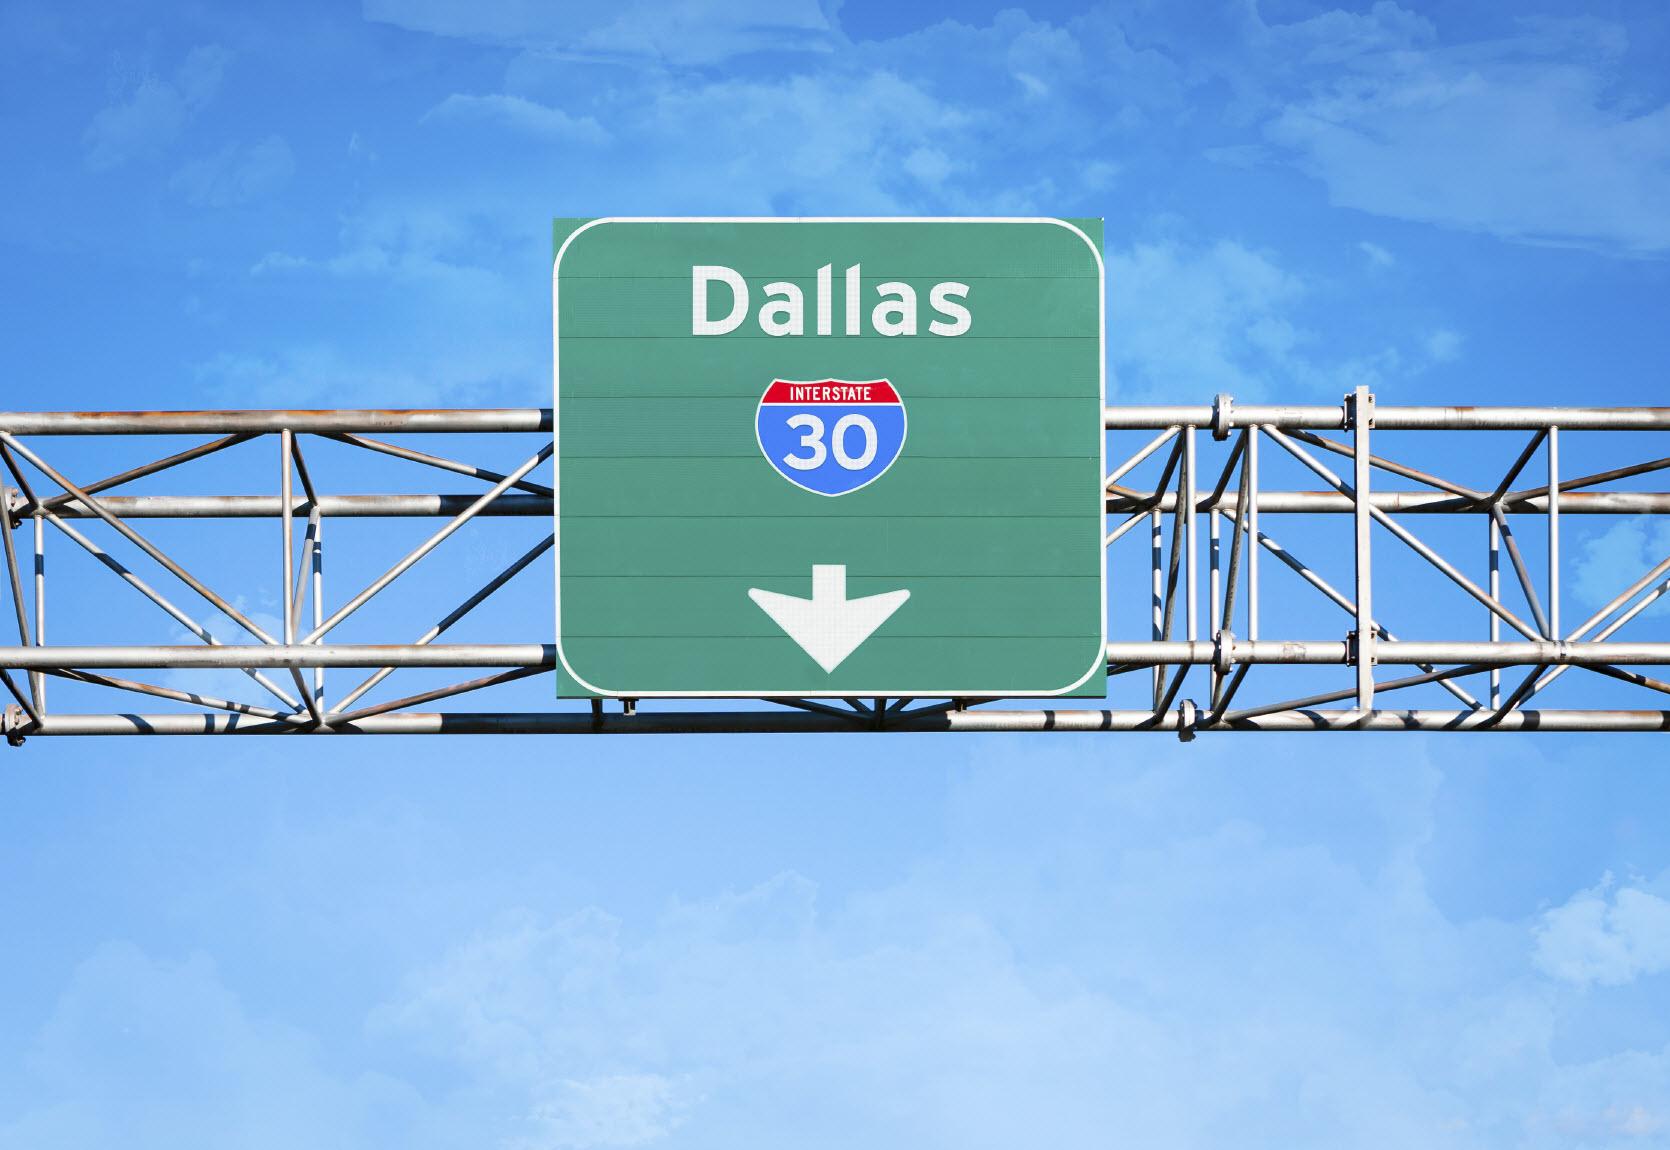 Car Insurance In Dallas Dallas Car insurance IMAGE